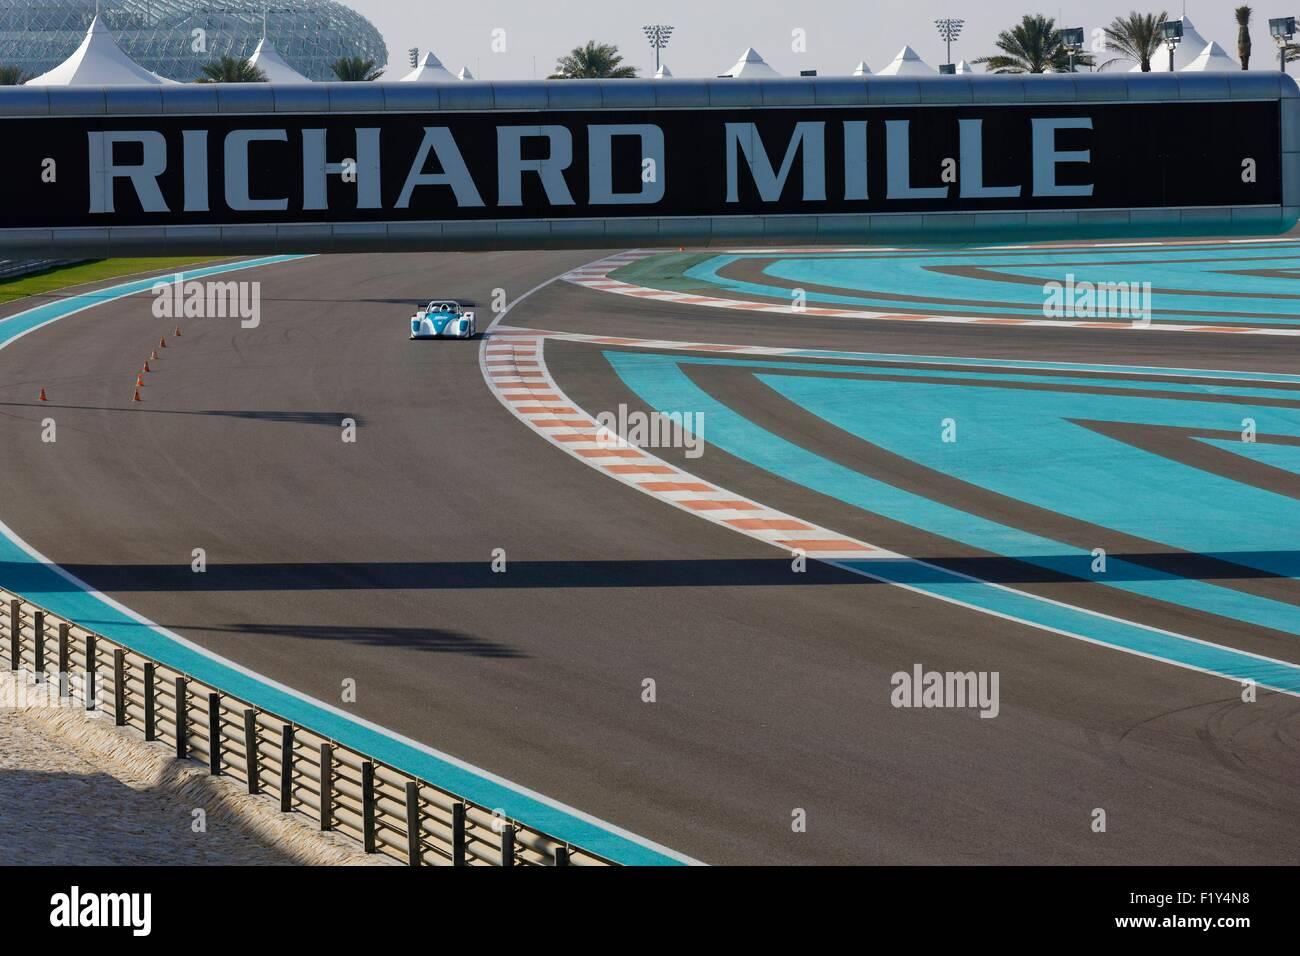 Vereinigte Arabische Emirate, Abu Dhabi, Yas Marina Circuit, Phase des Grand Prix der Formel1 Stockbild